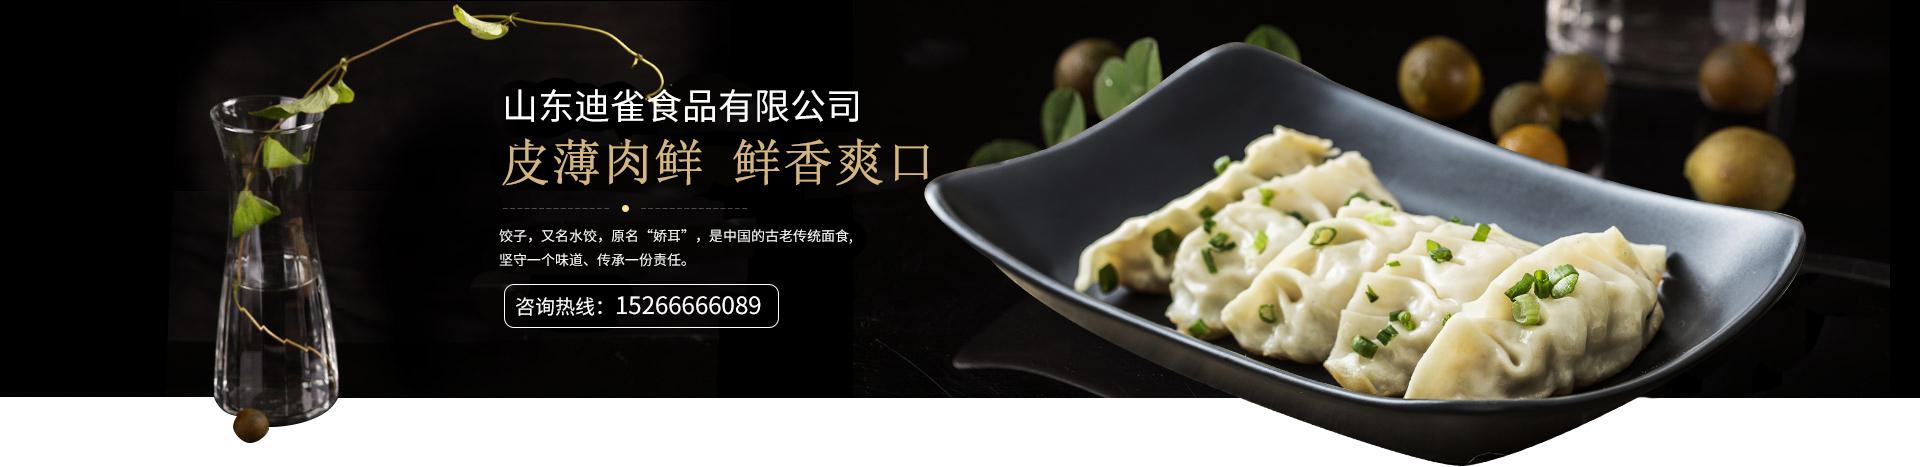 山东迪雀食品有限公司是山东知名的速冻饺子厂家,主营:速冻饺子,速冻馄饨,粽子,速冻手工馒头,汤圆等食品,生产厂家批发,支持定制,价格实惠.热线:15266666089